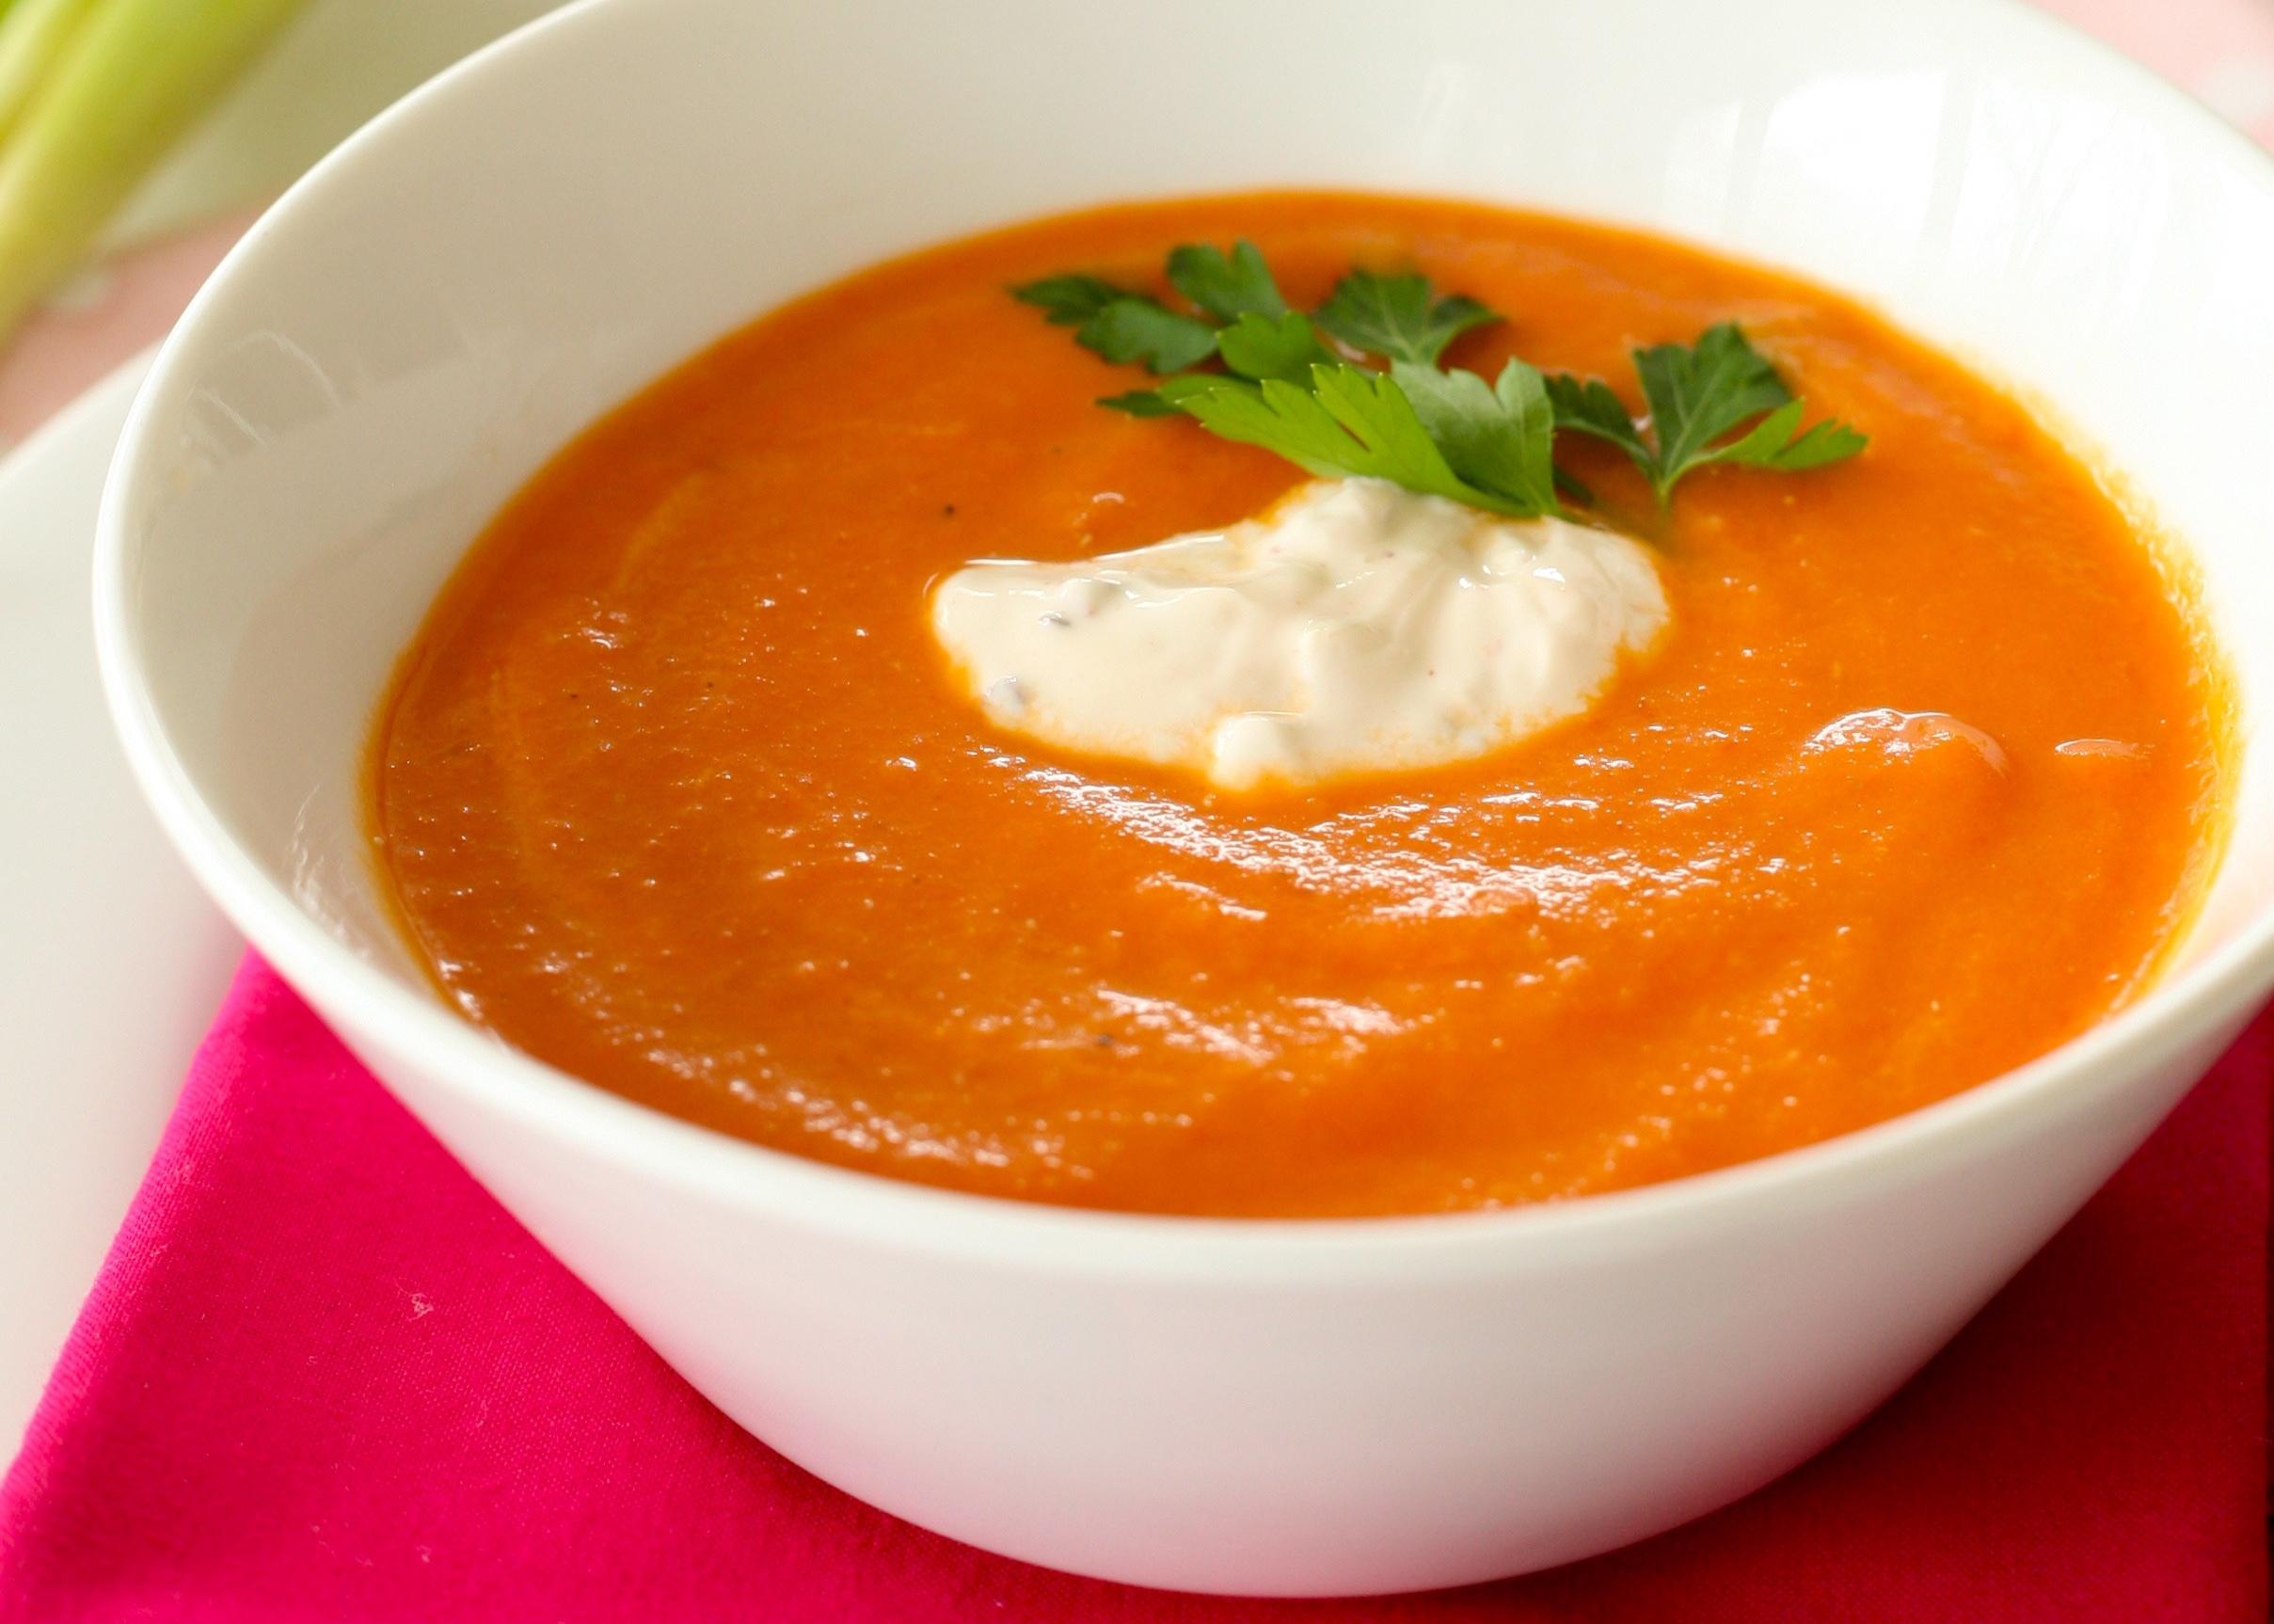 Winter tomato soup/ancho cream